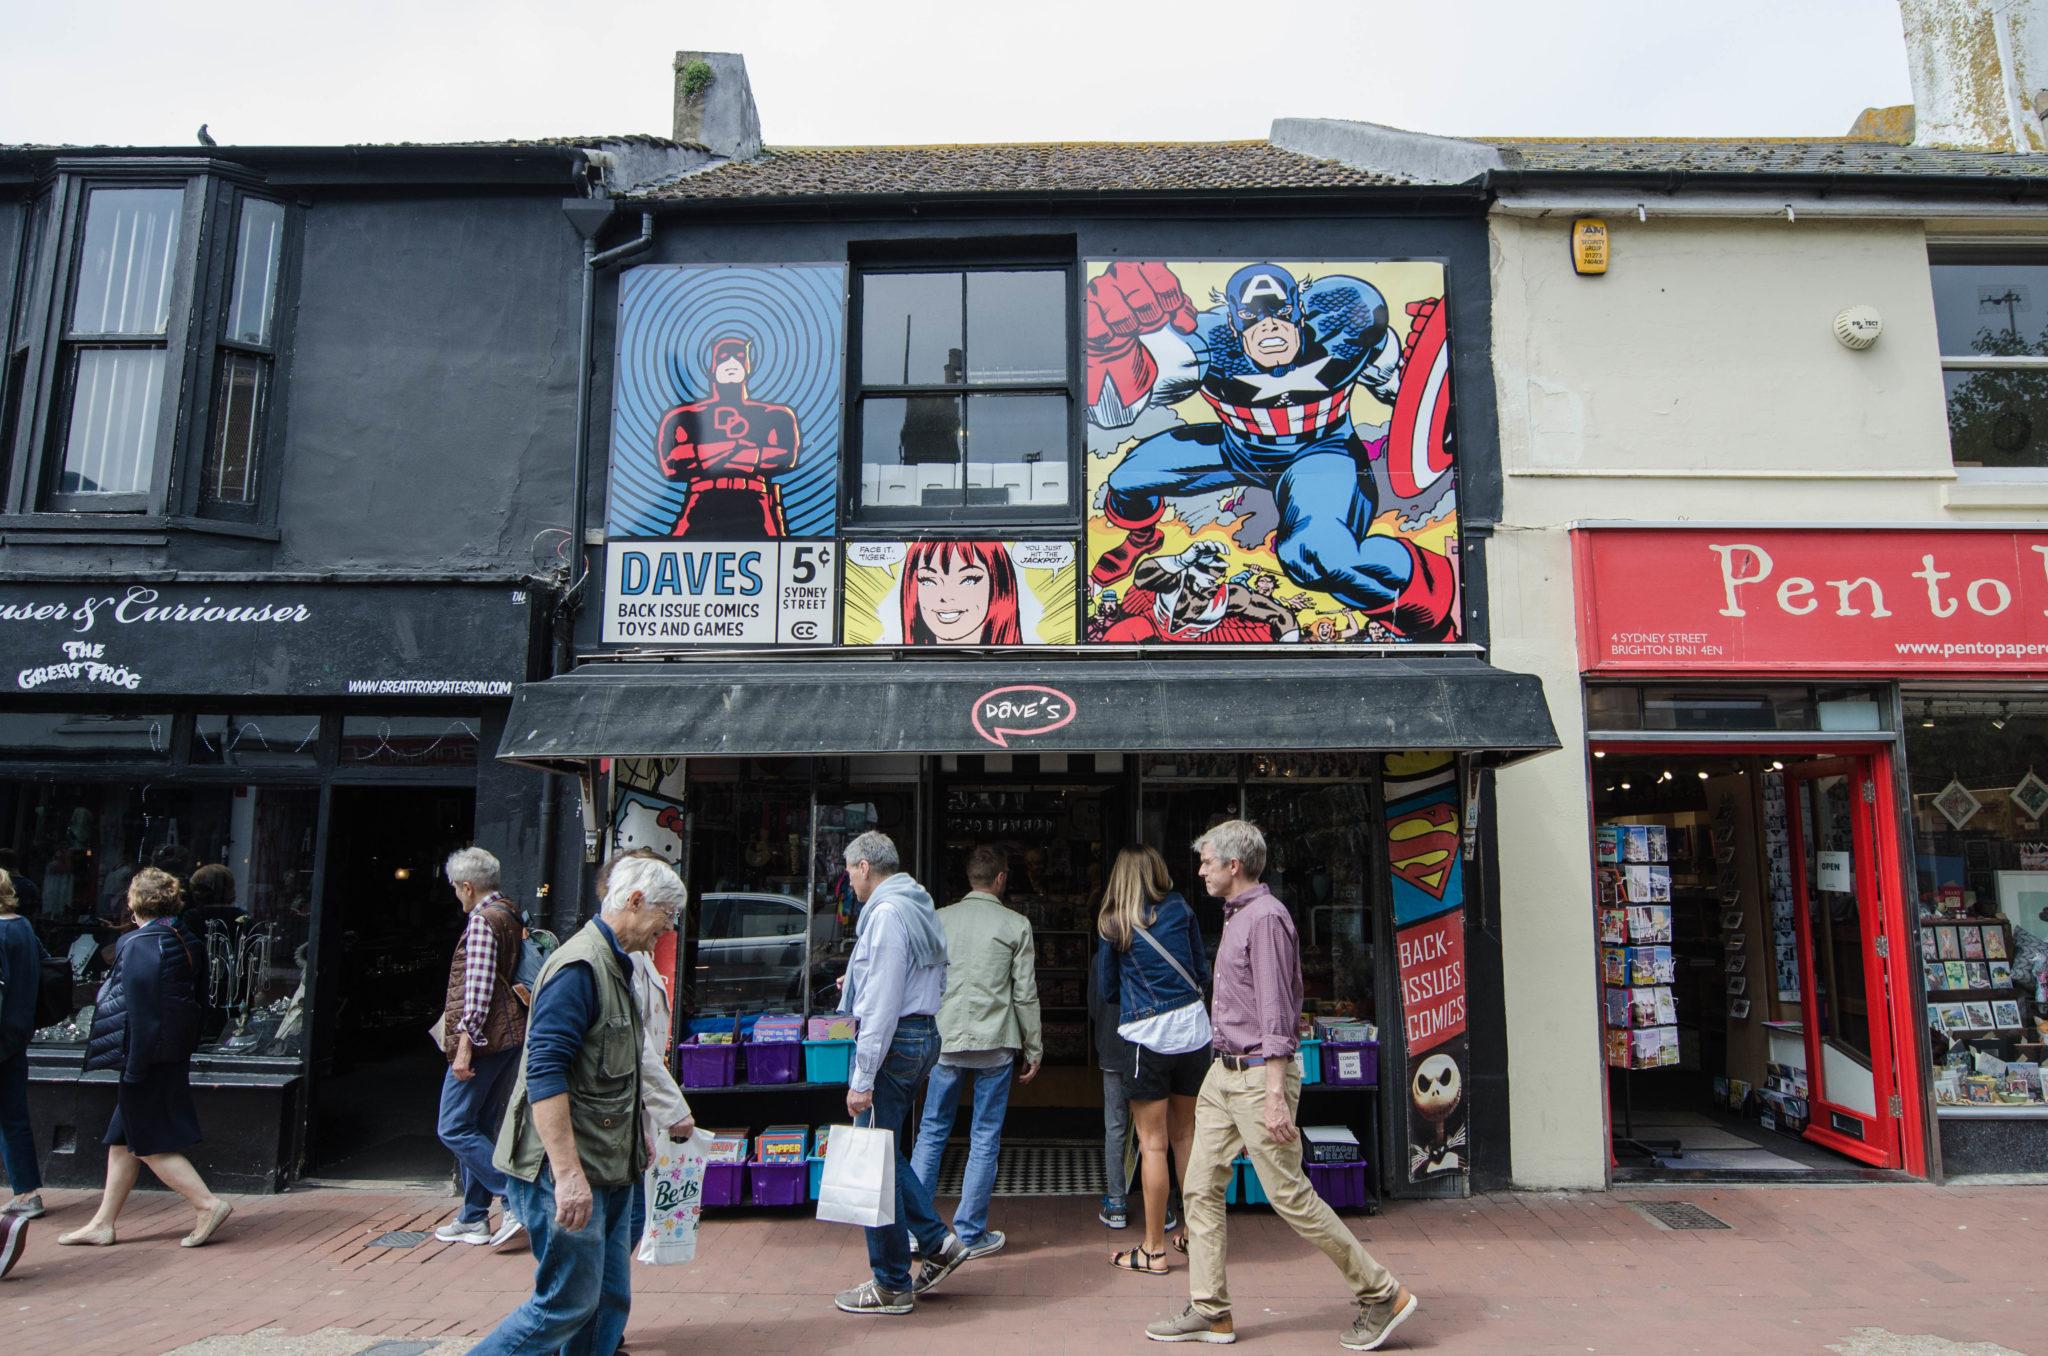 Abseits von Brighton Beach kann man in North Laine einen Einblick in das Brighton von früher bekommen.